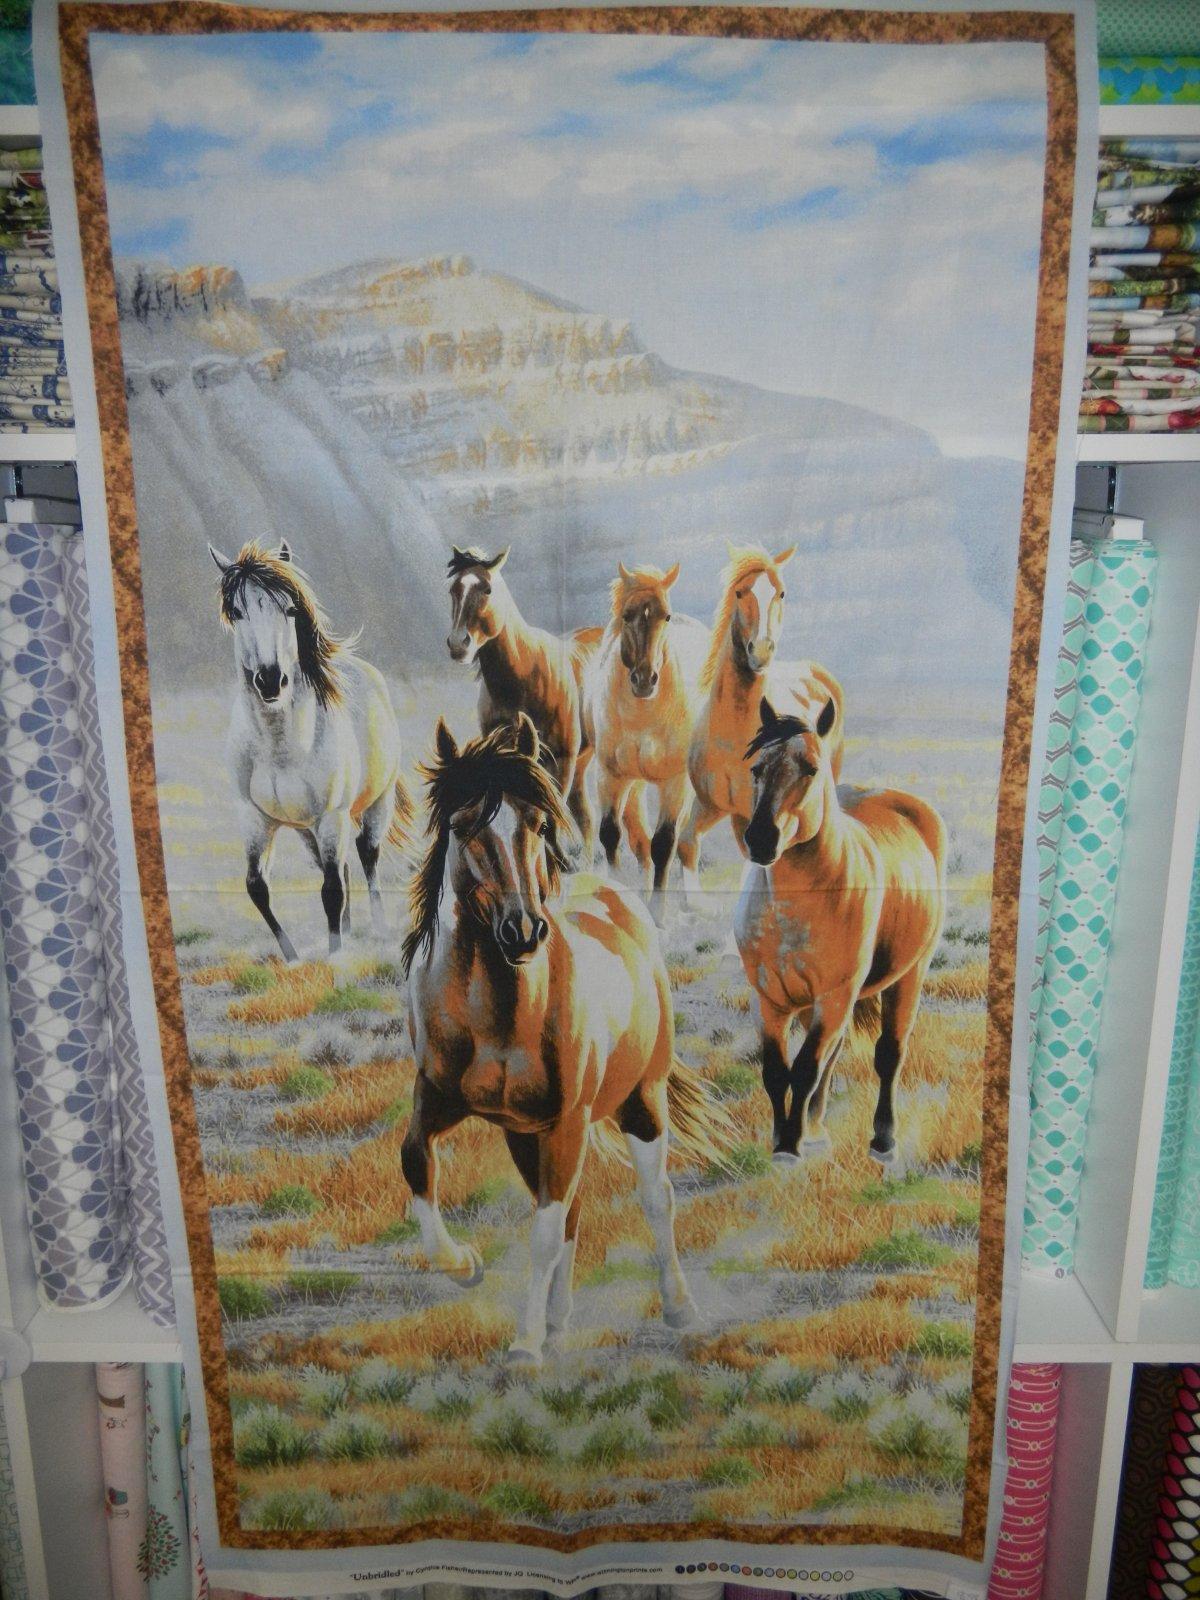 Panel#196 - Unbridled  - Horses